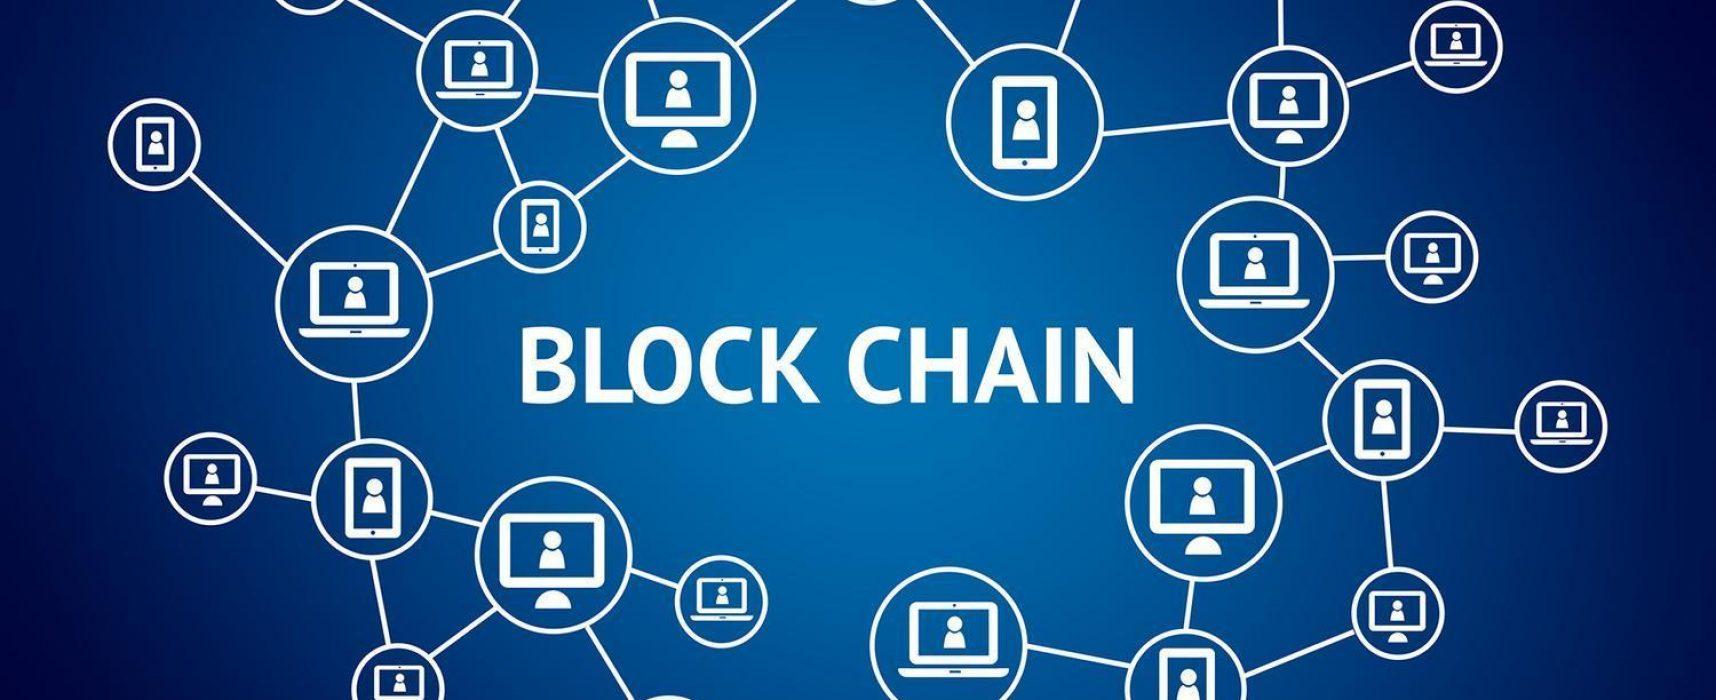 Blockchain проти фейків: як нова технологія дозволить побороти брехню в інтернеті